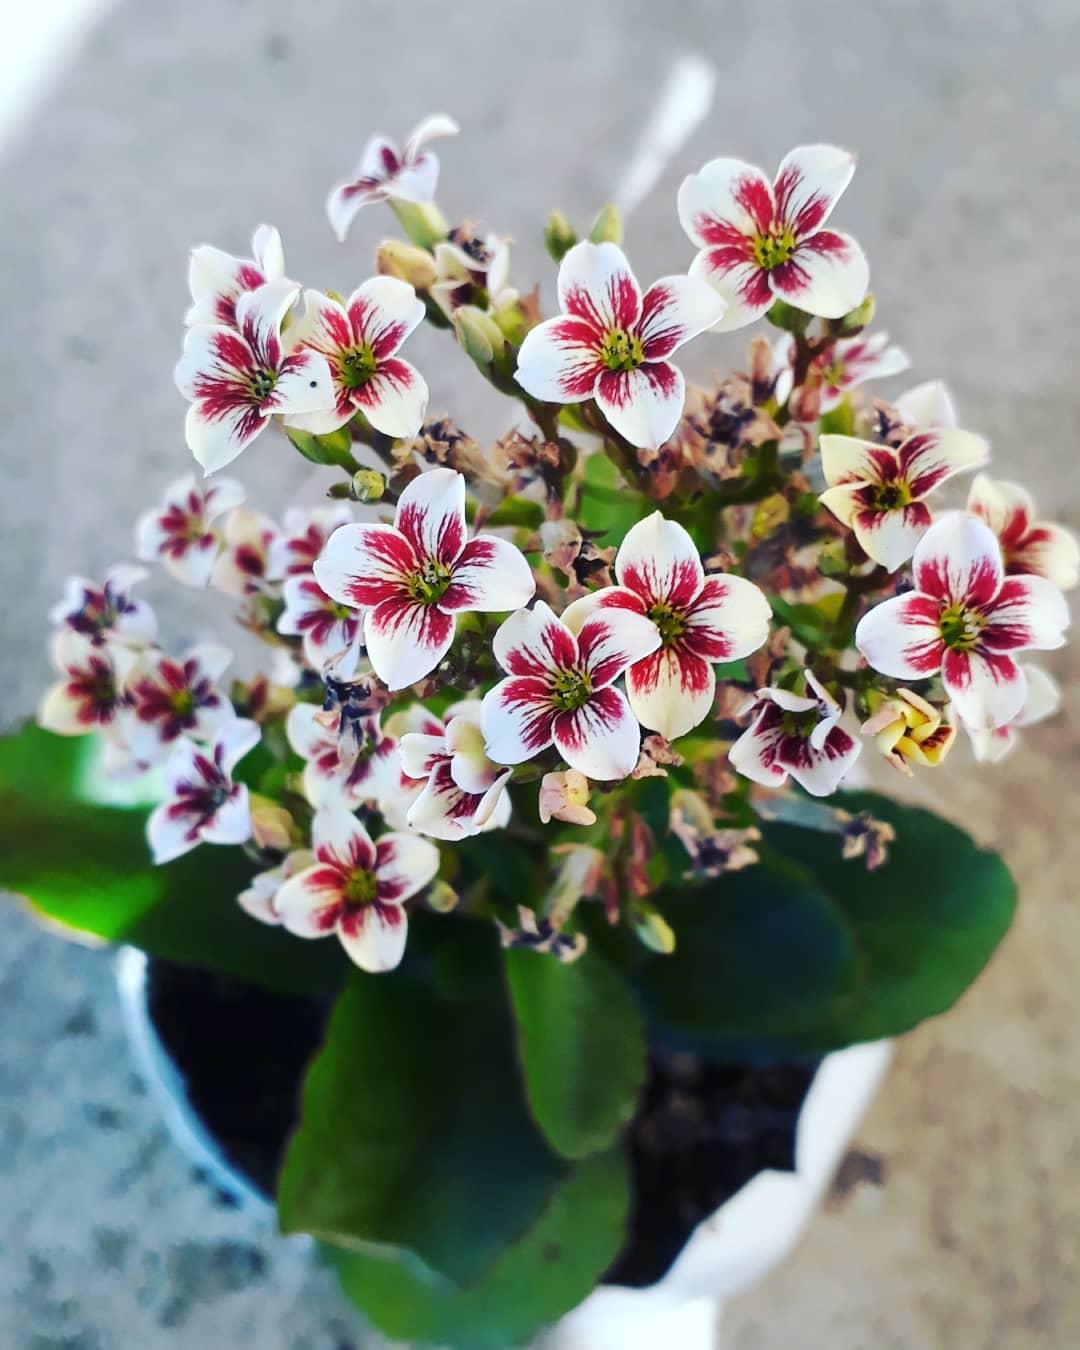 indoor flowering plants kalanchoe